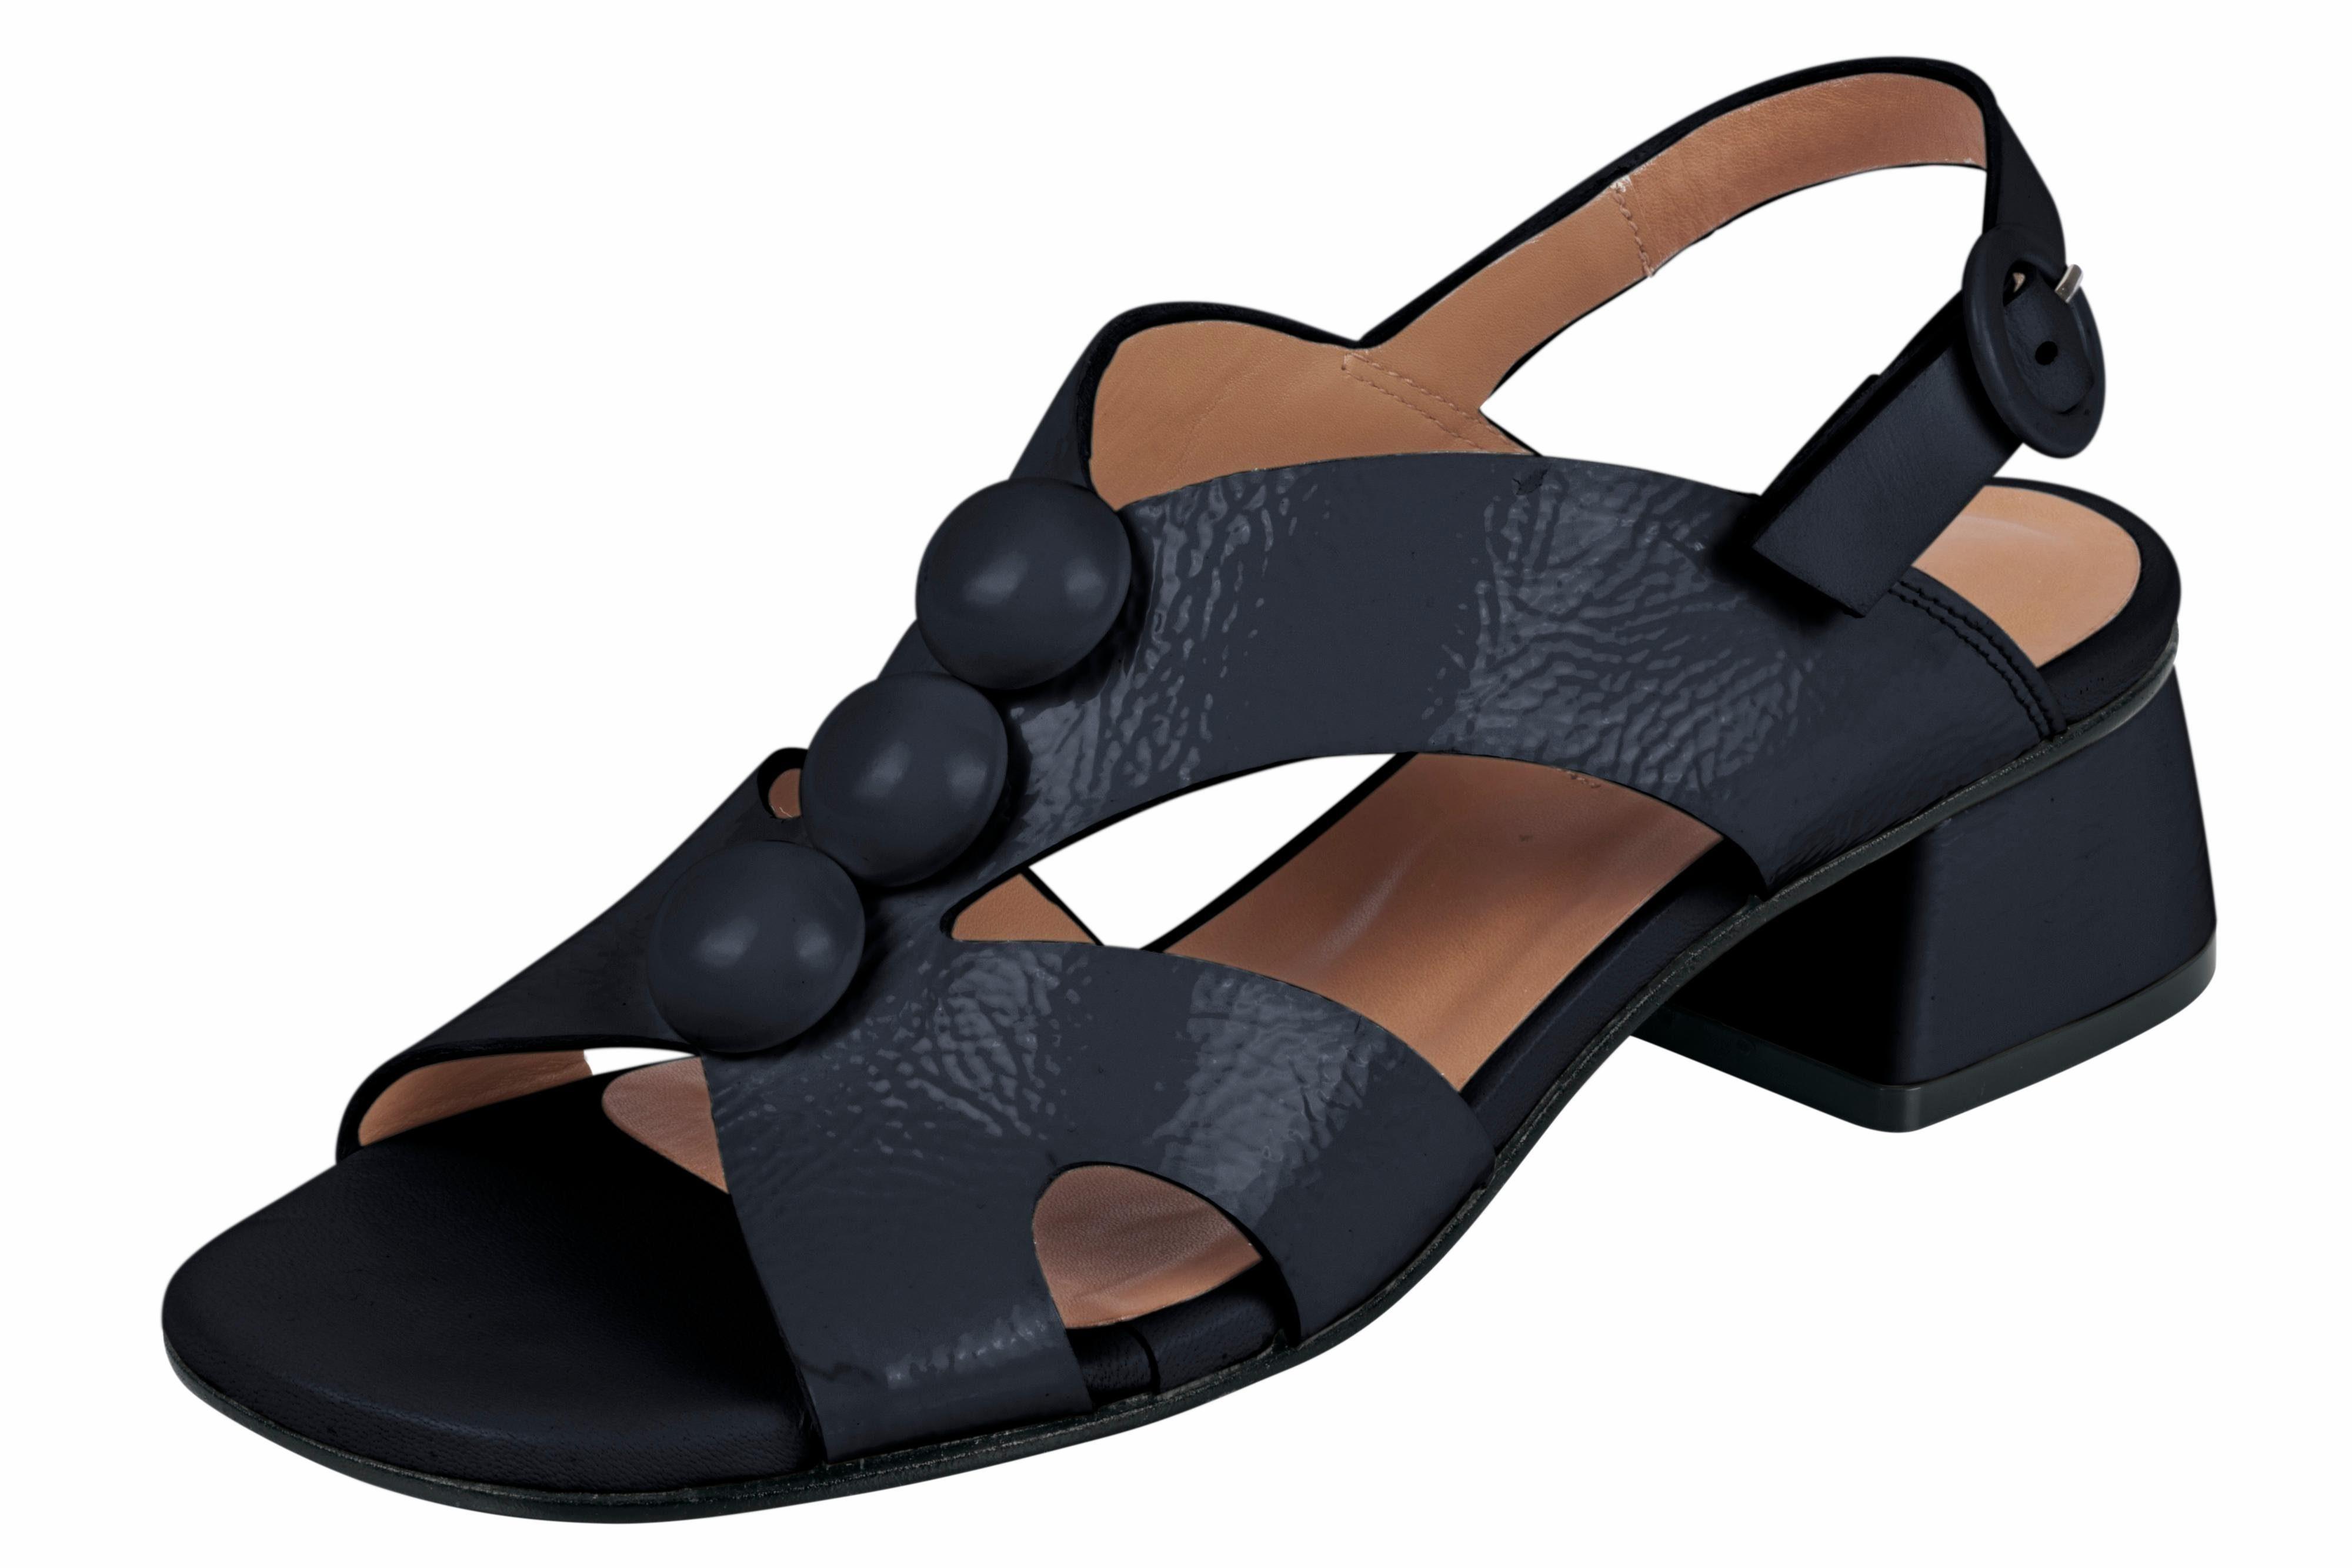 ZINDA Sandalette aus Lackleder online kaufen  marine